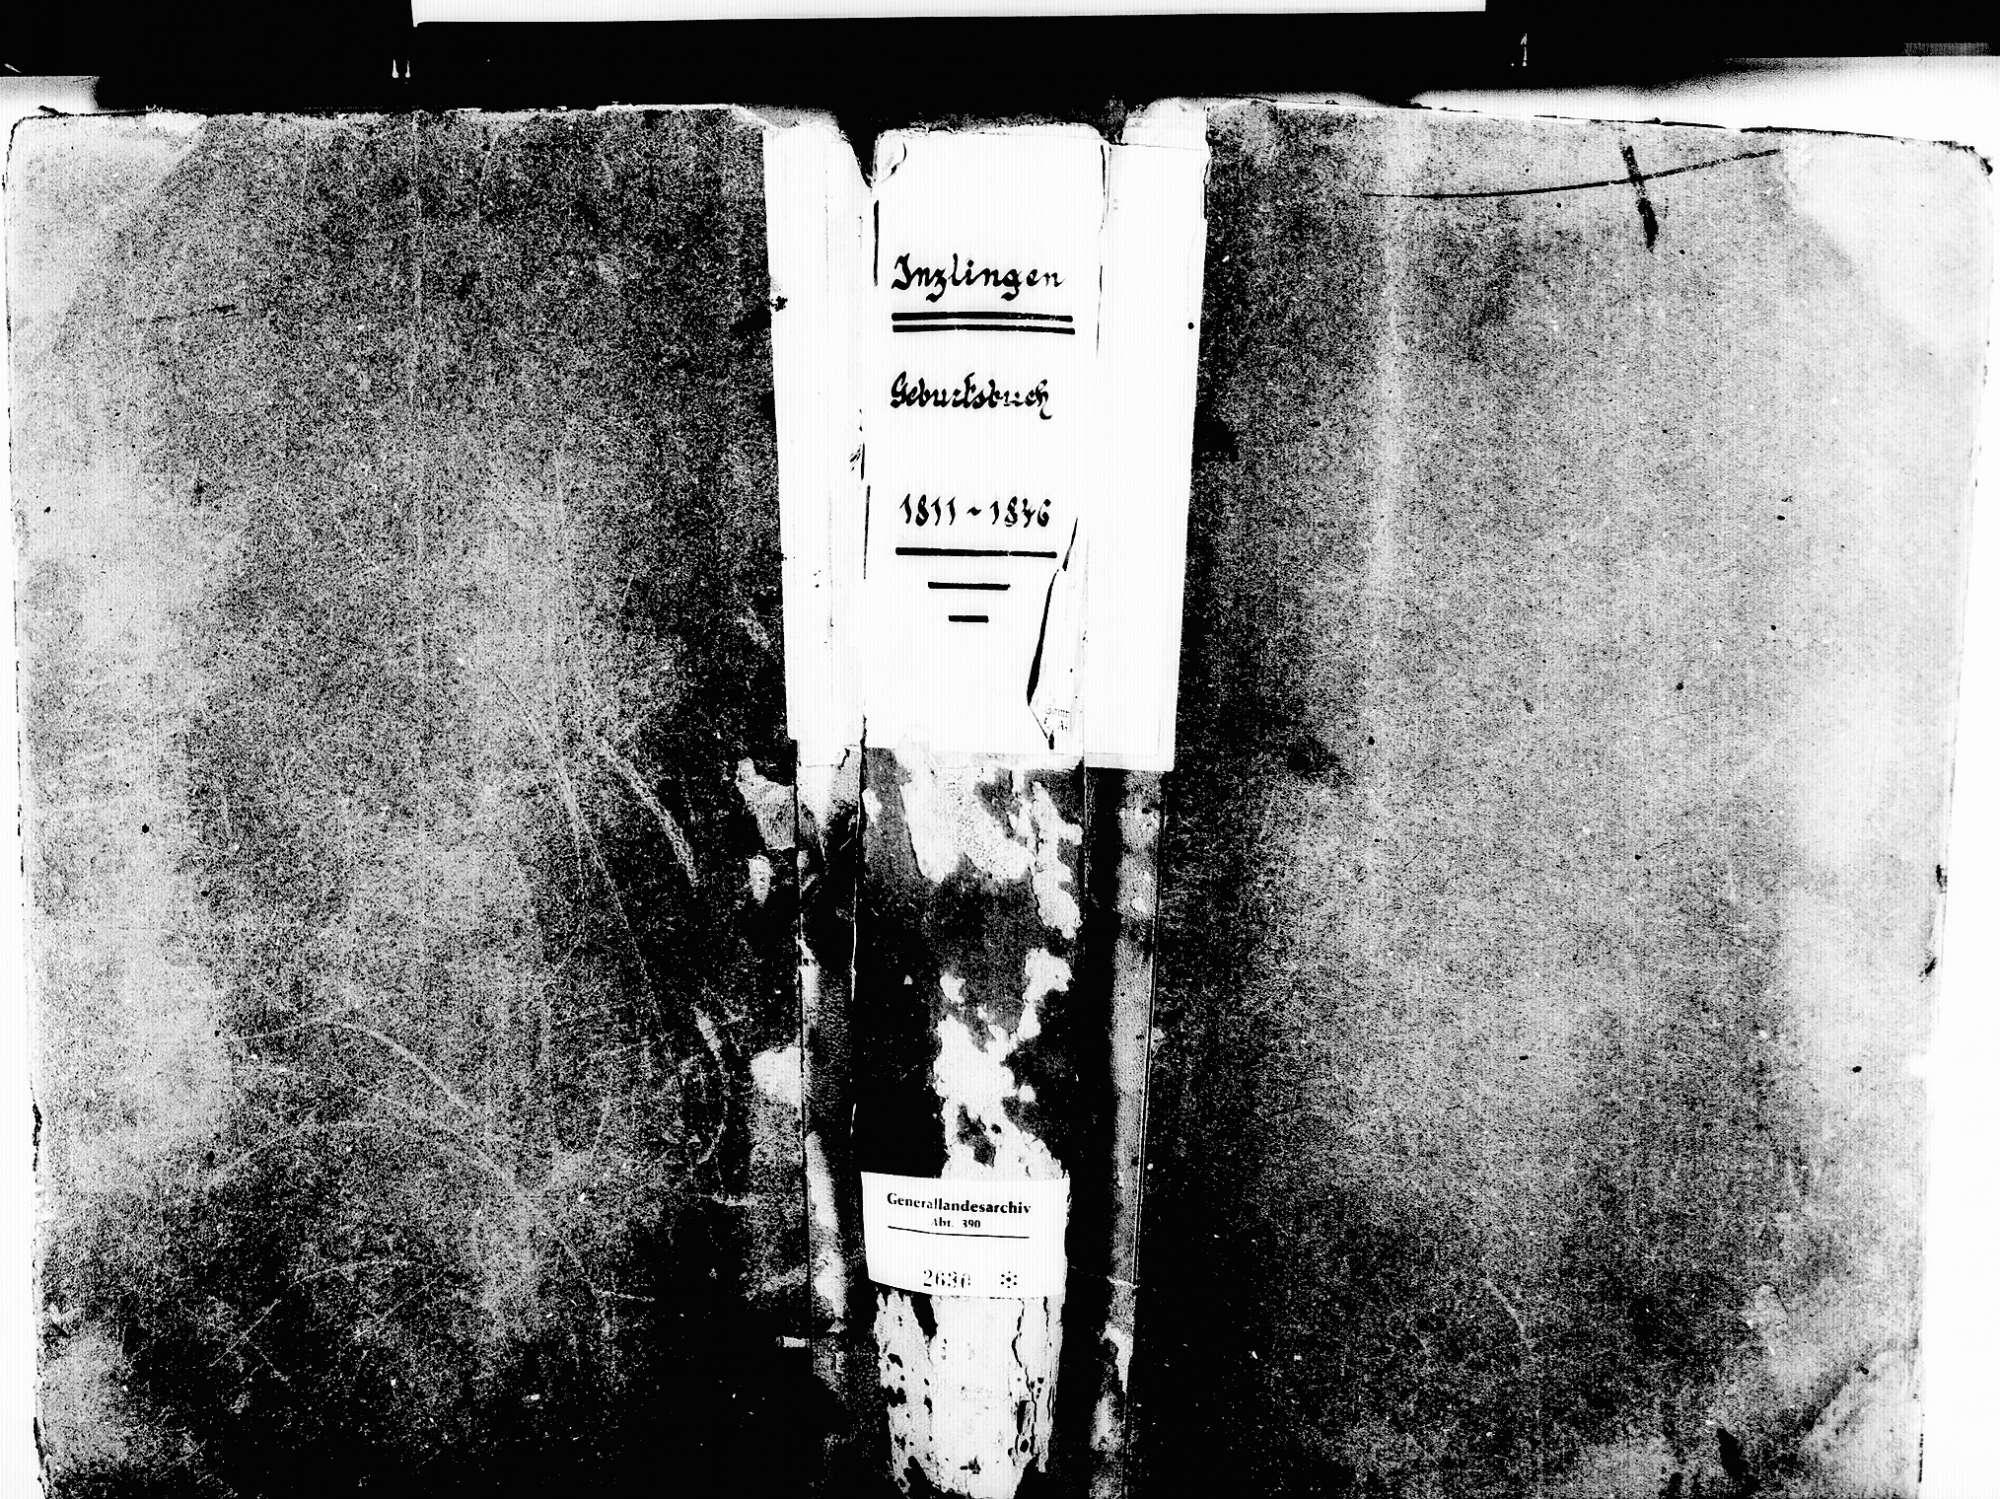 Inzlingen LÖ; Katholische Gemeinde: Geburtenbuch 1811-1846, Bild 1